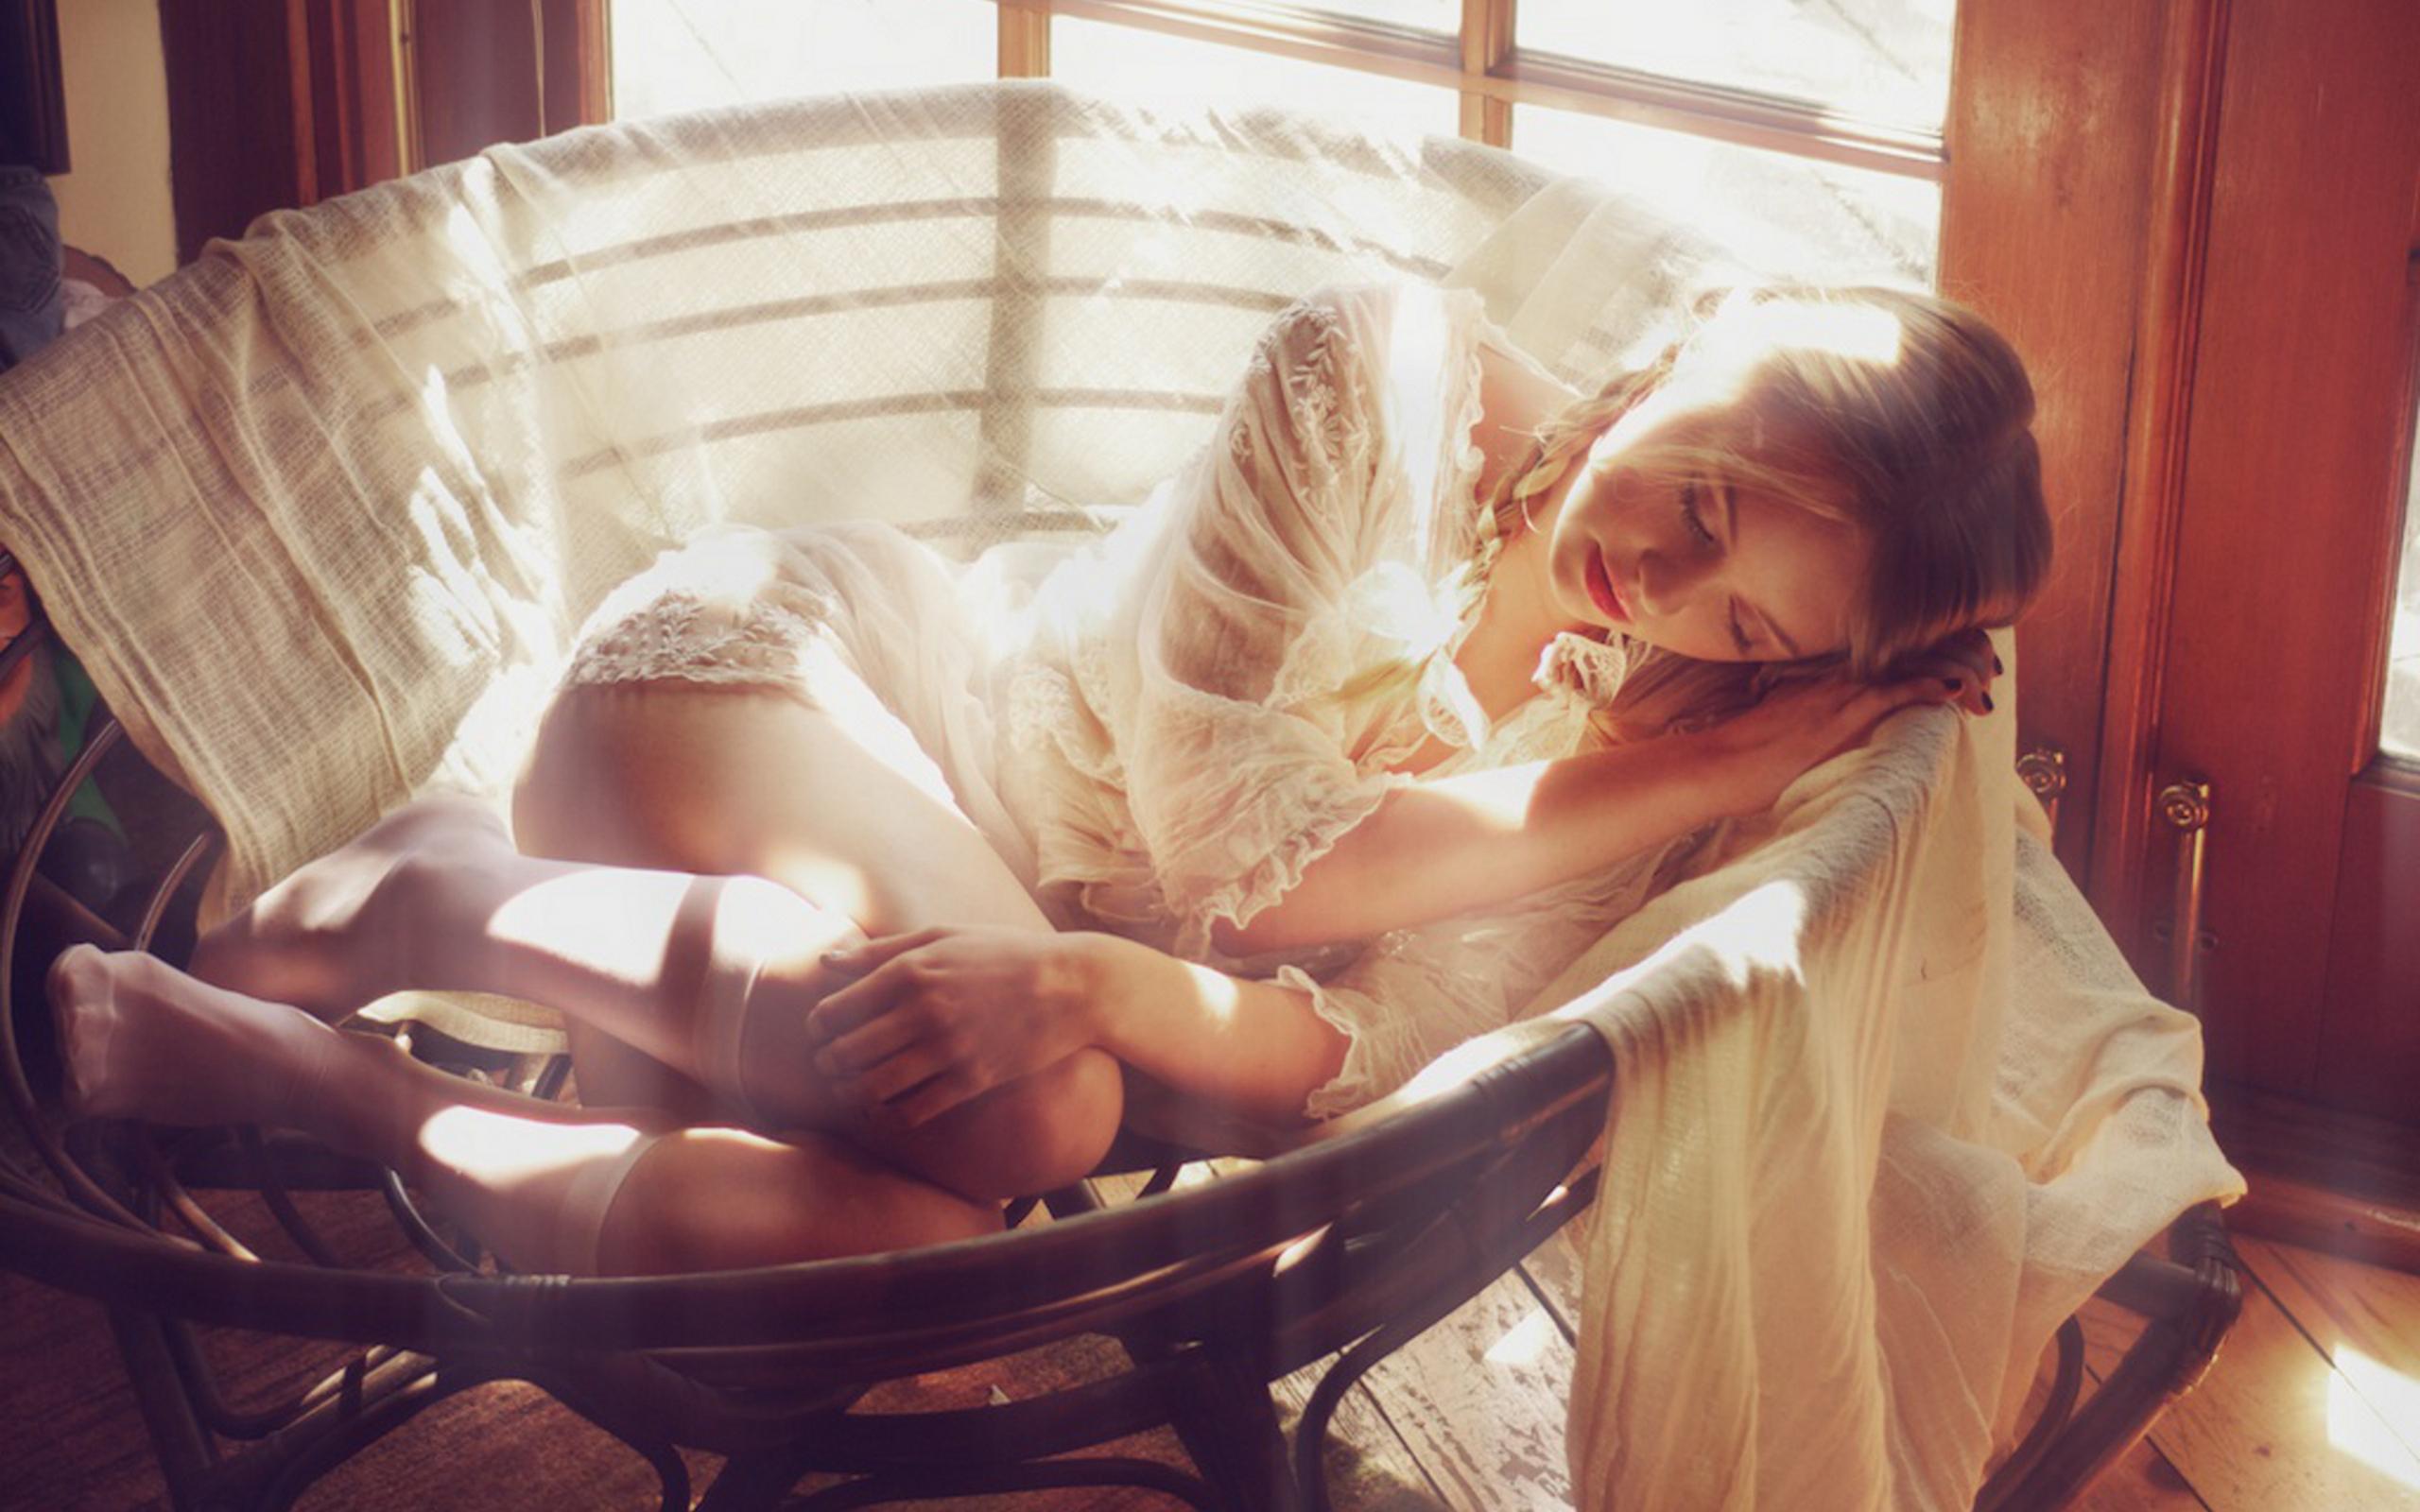 Đã yêu thì đừng sợ sai người, càng đừng sợ muộn! - Ảnh 2.